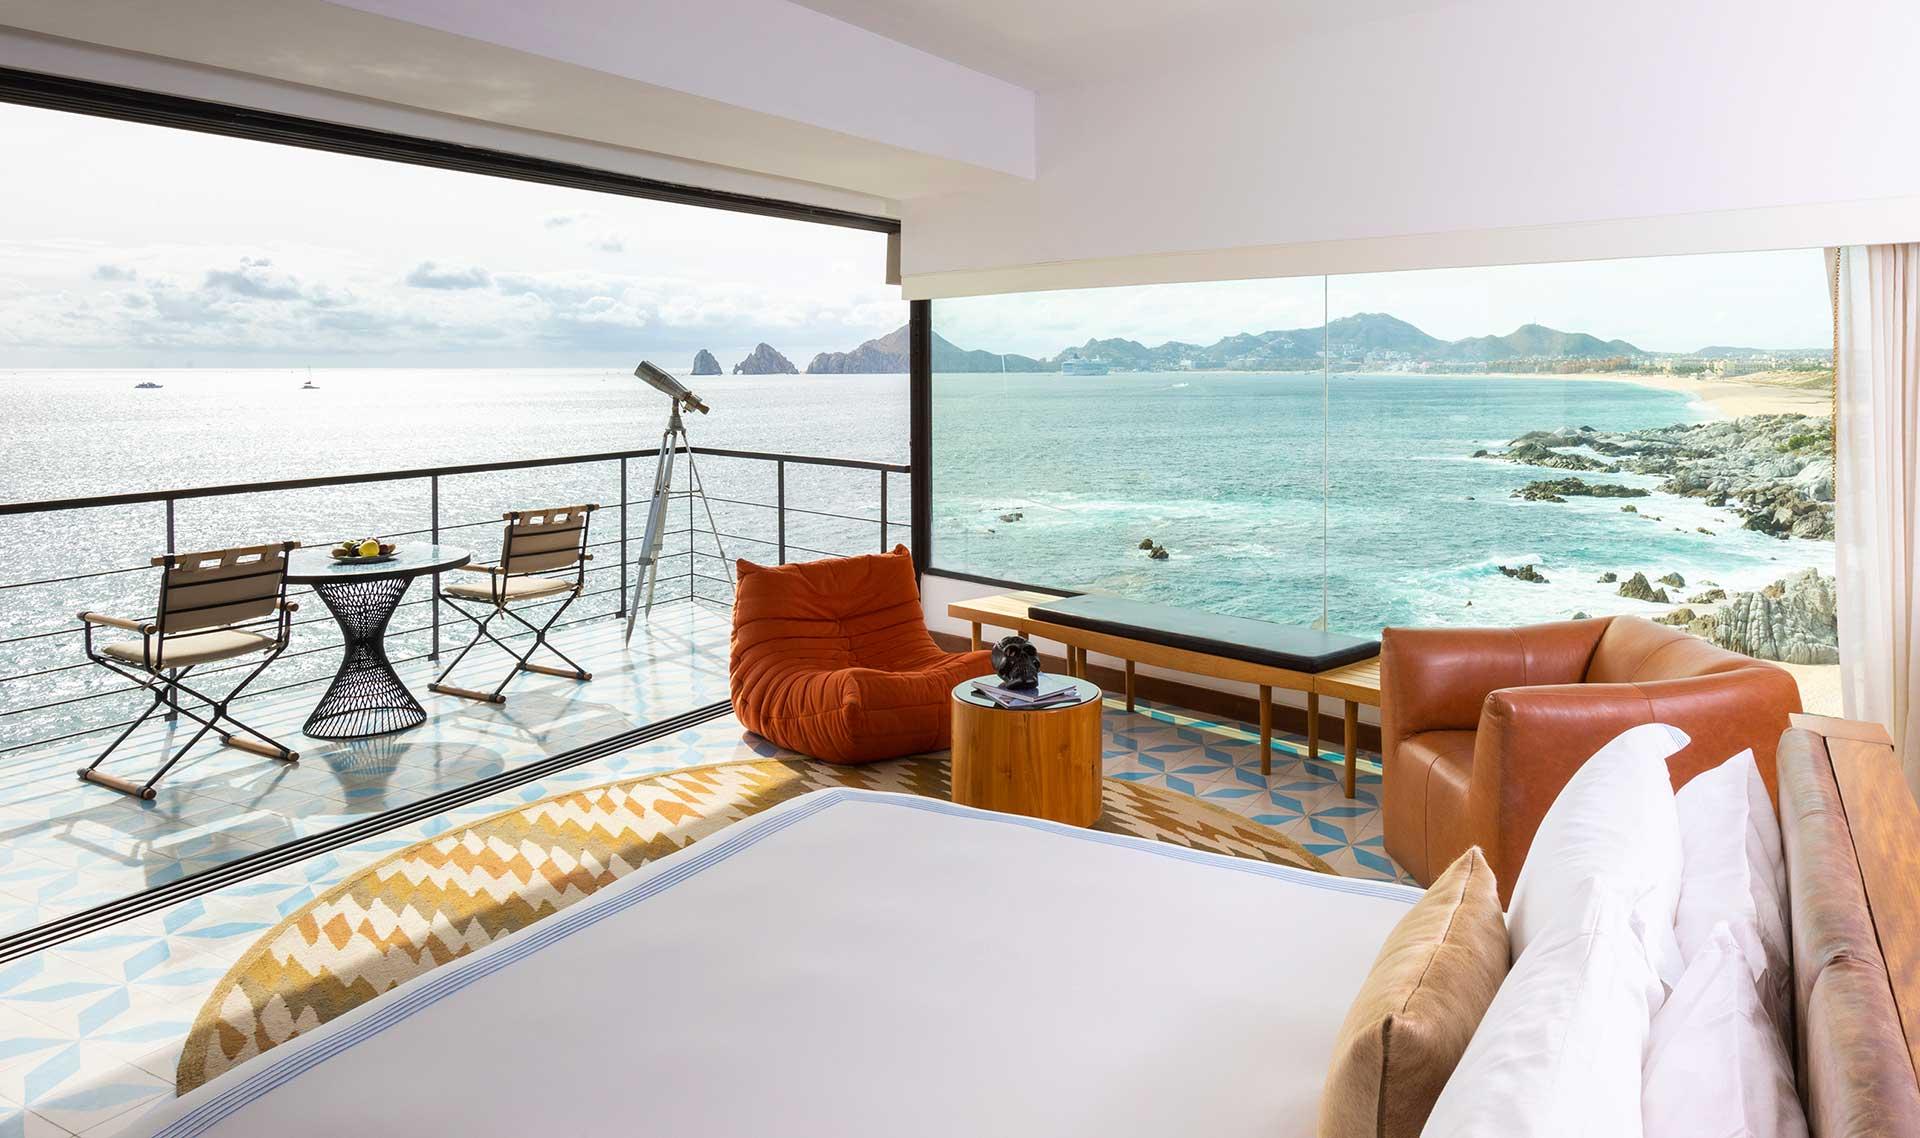 Hotel The Cape